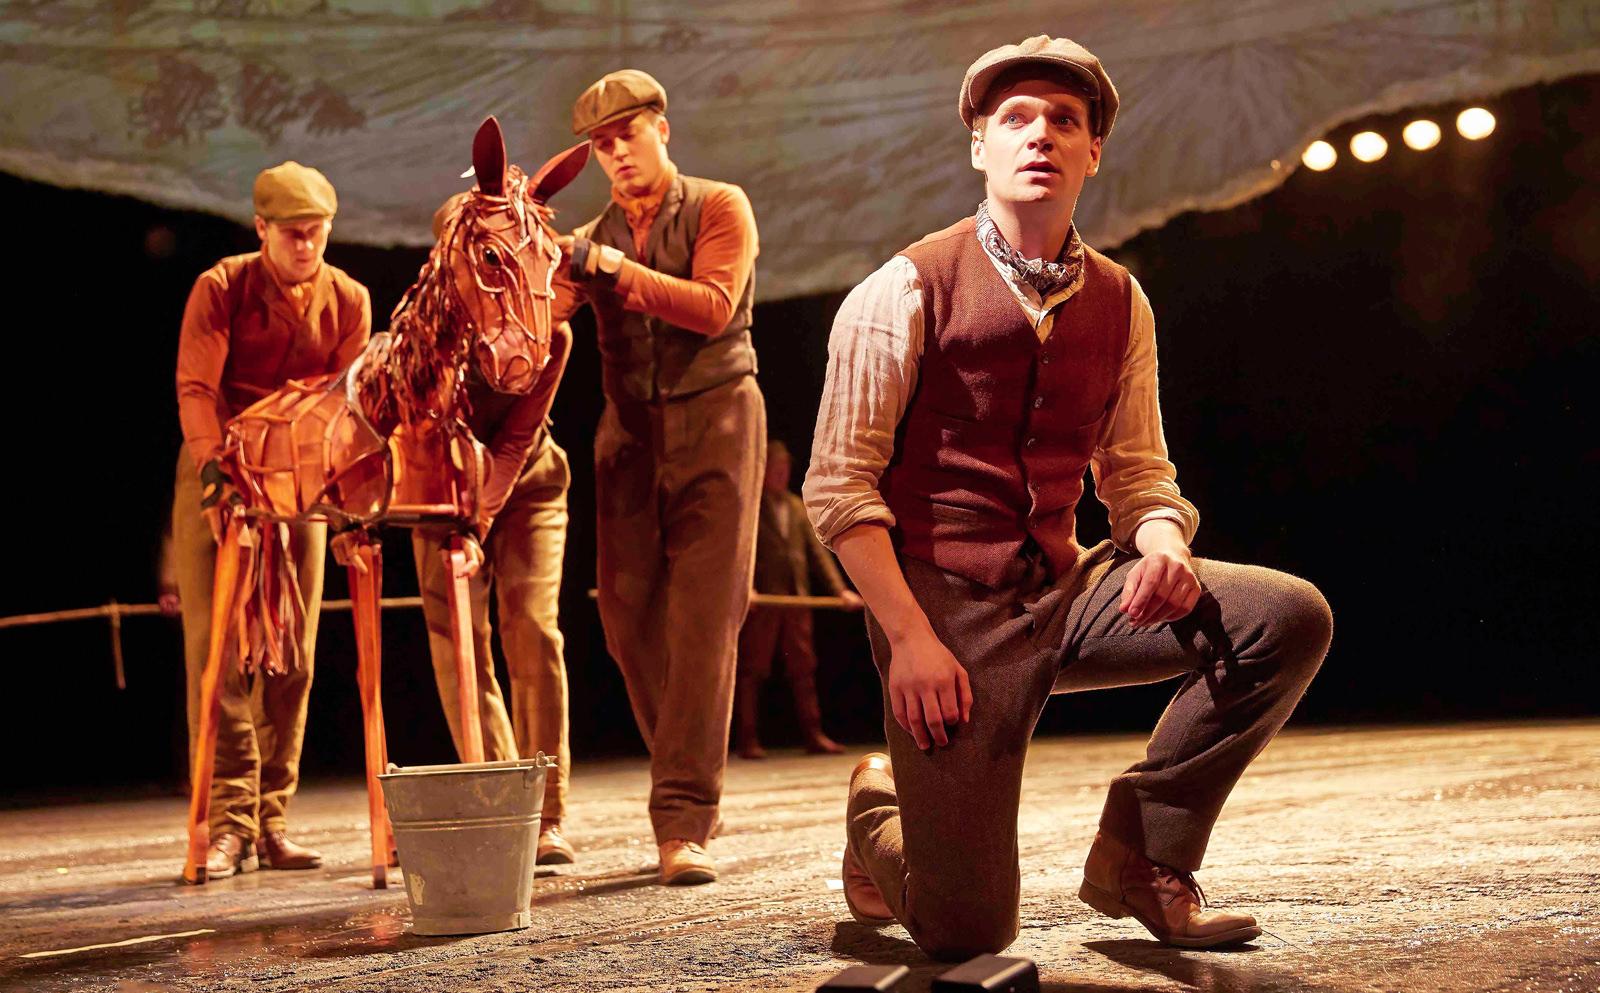 Mützen für Stage Theater von Birke Breckwoldt